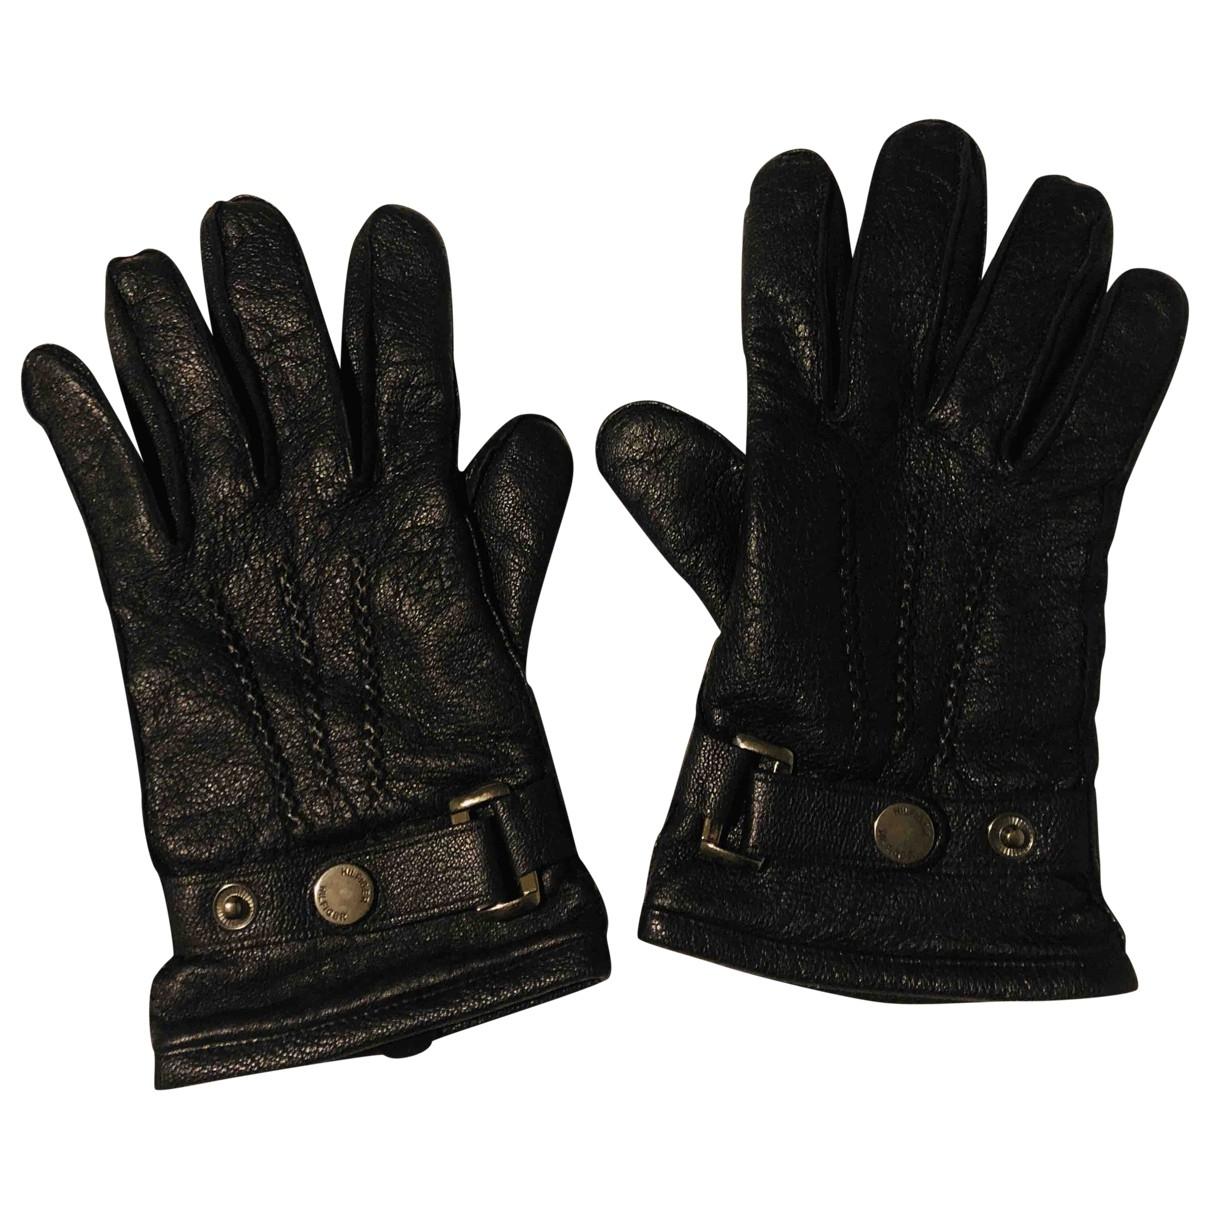 Tommy Hilfiger \N Black Leather Gloves for Men M International